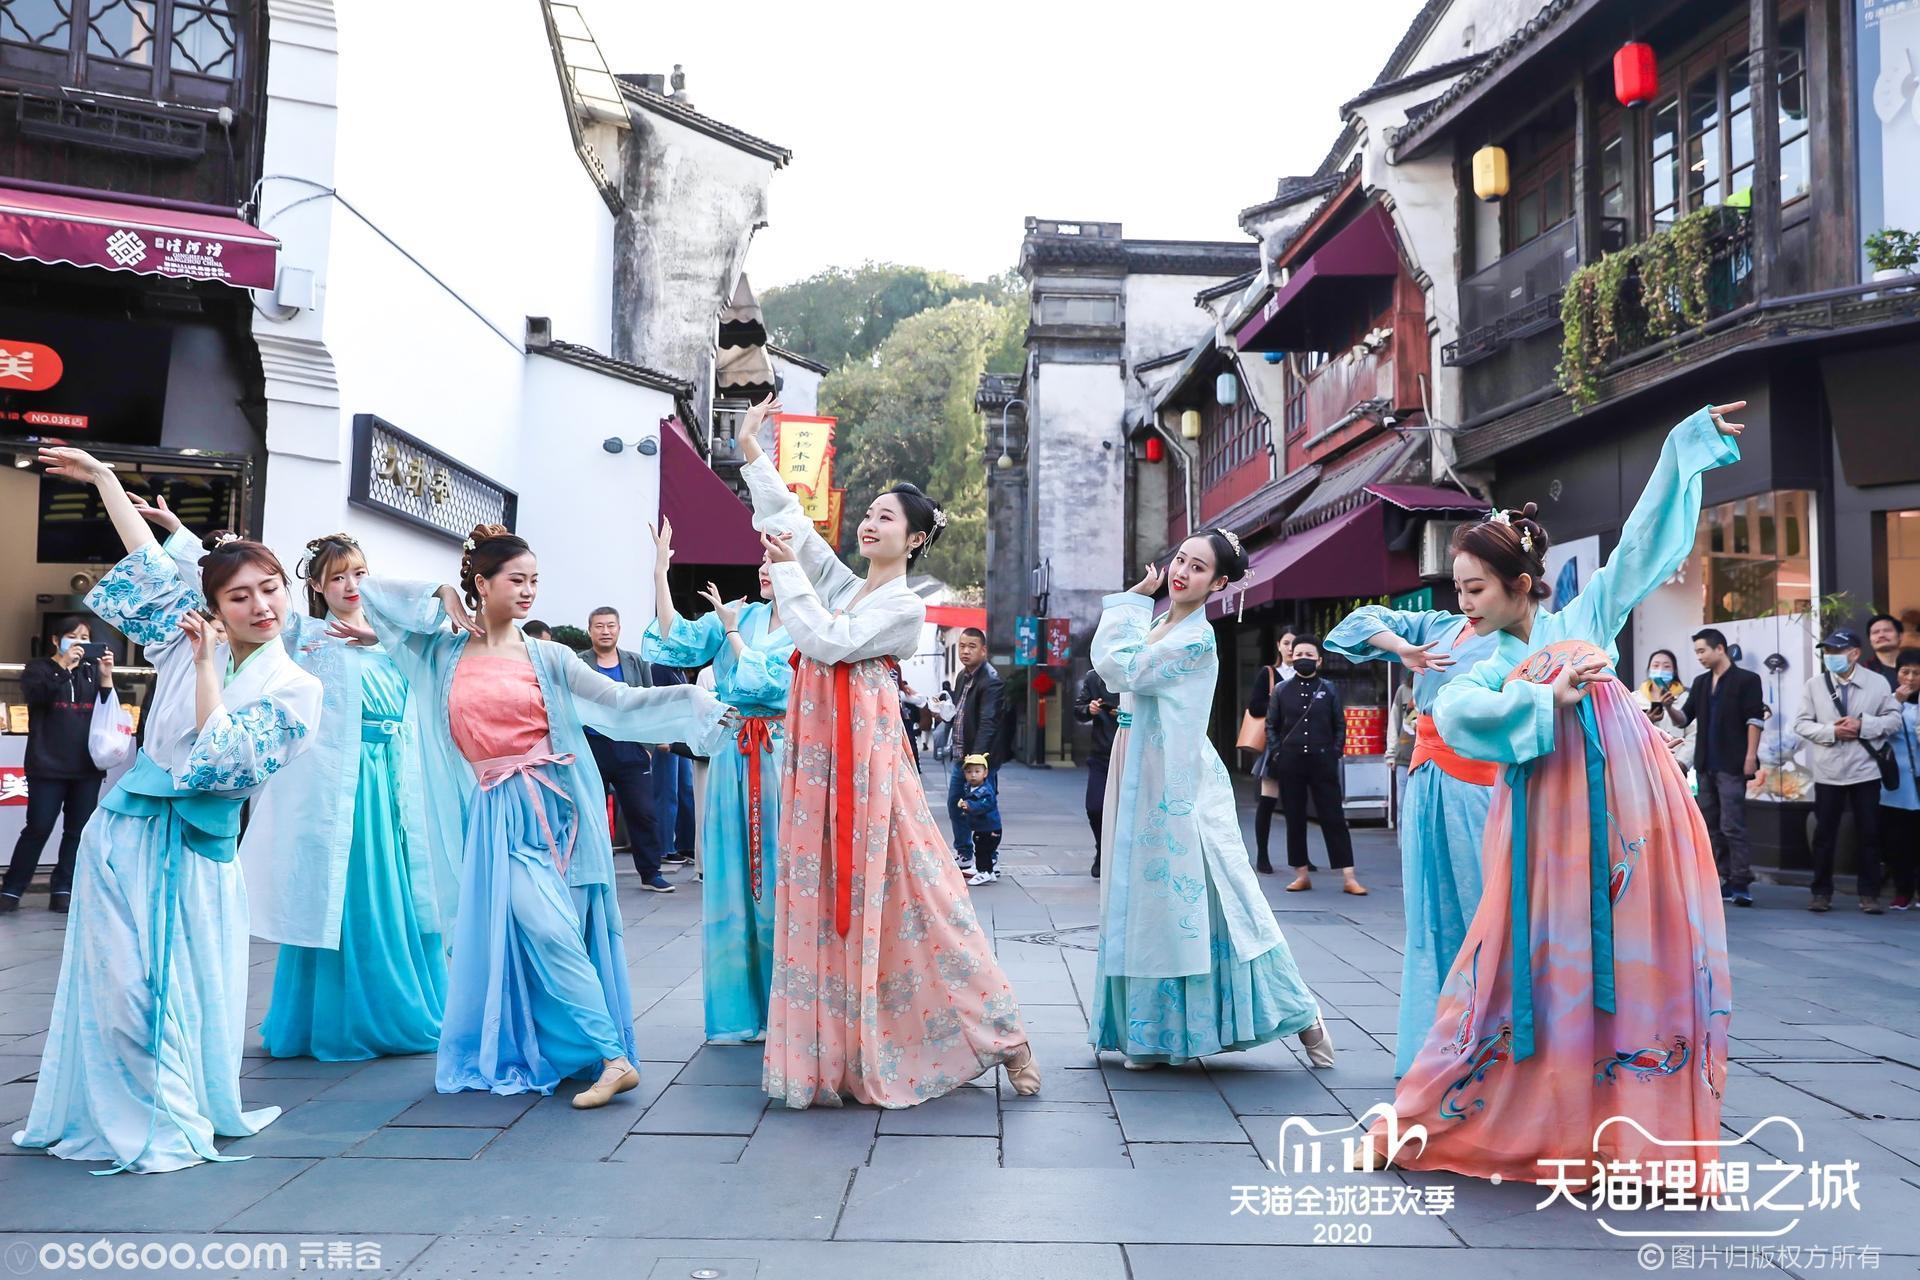 天猫理想之城·杭州终点站